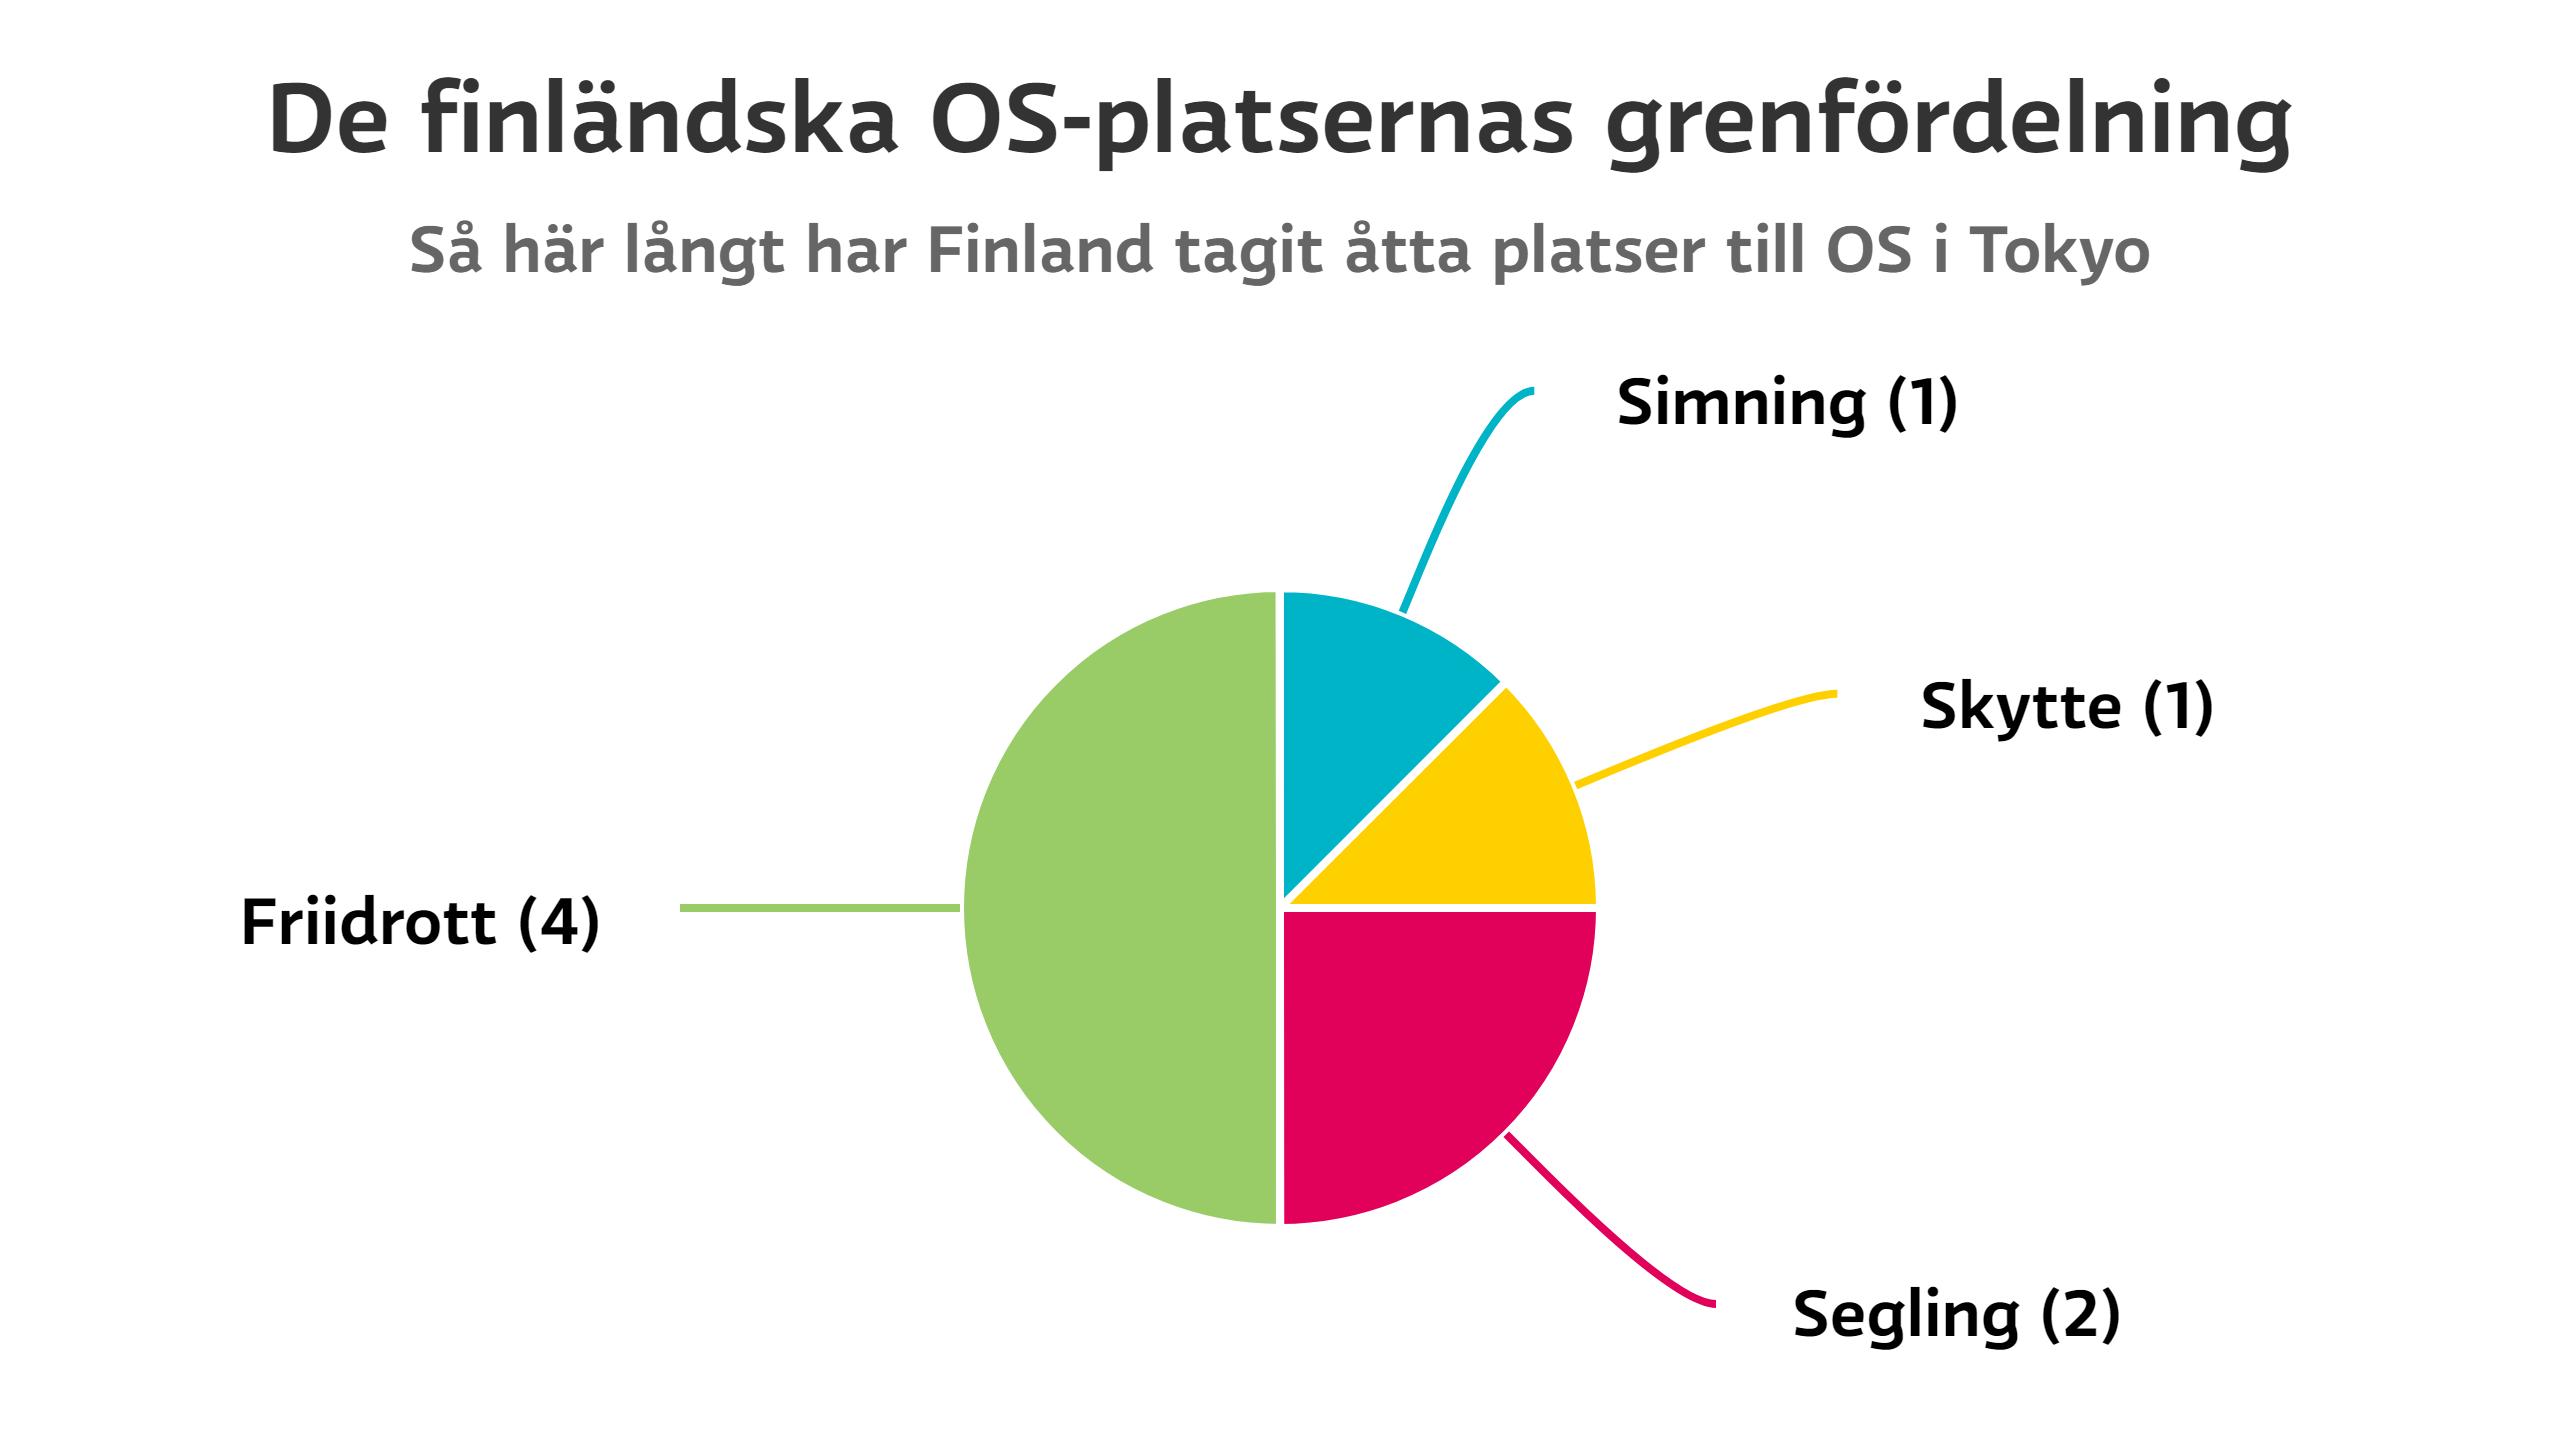 De finländska OS-platsernas grenfördelning